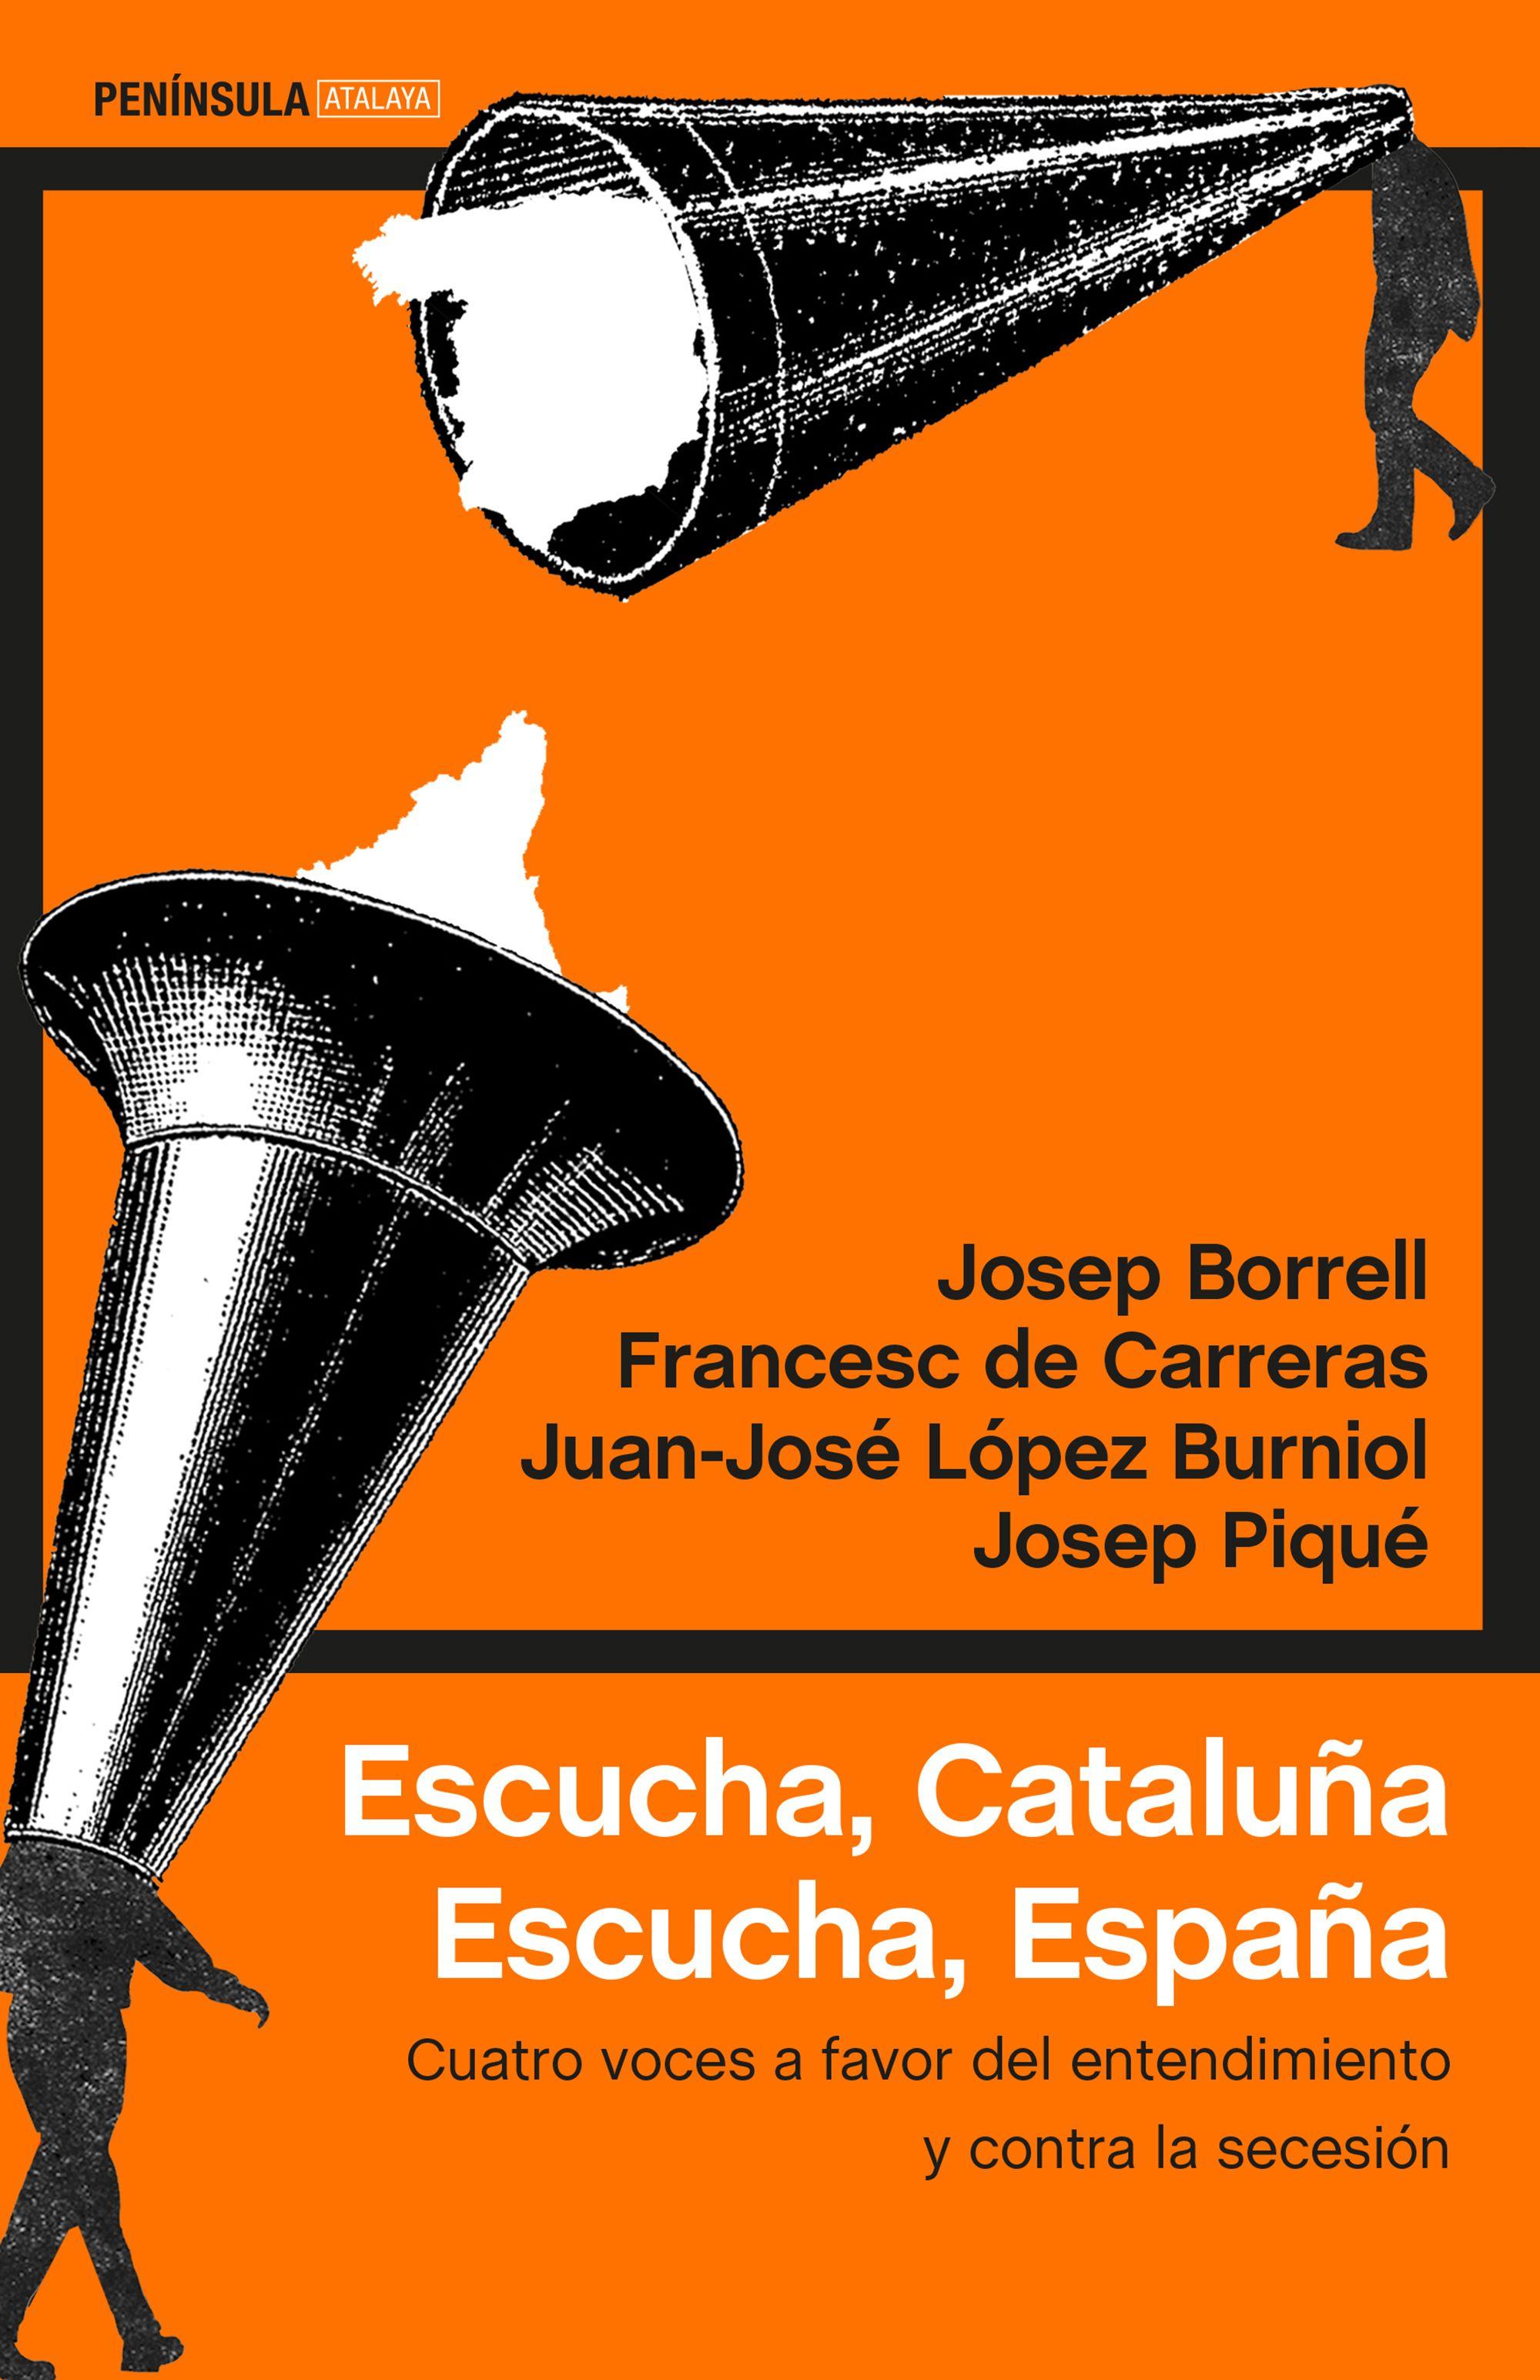 Cuatro libros para combatir el secesionismo